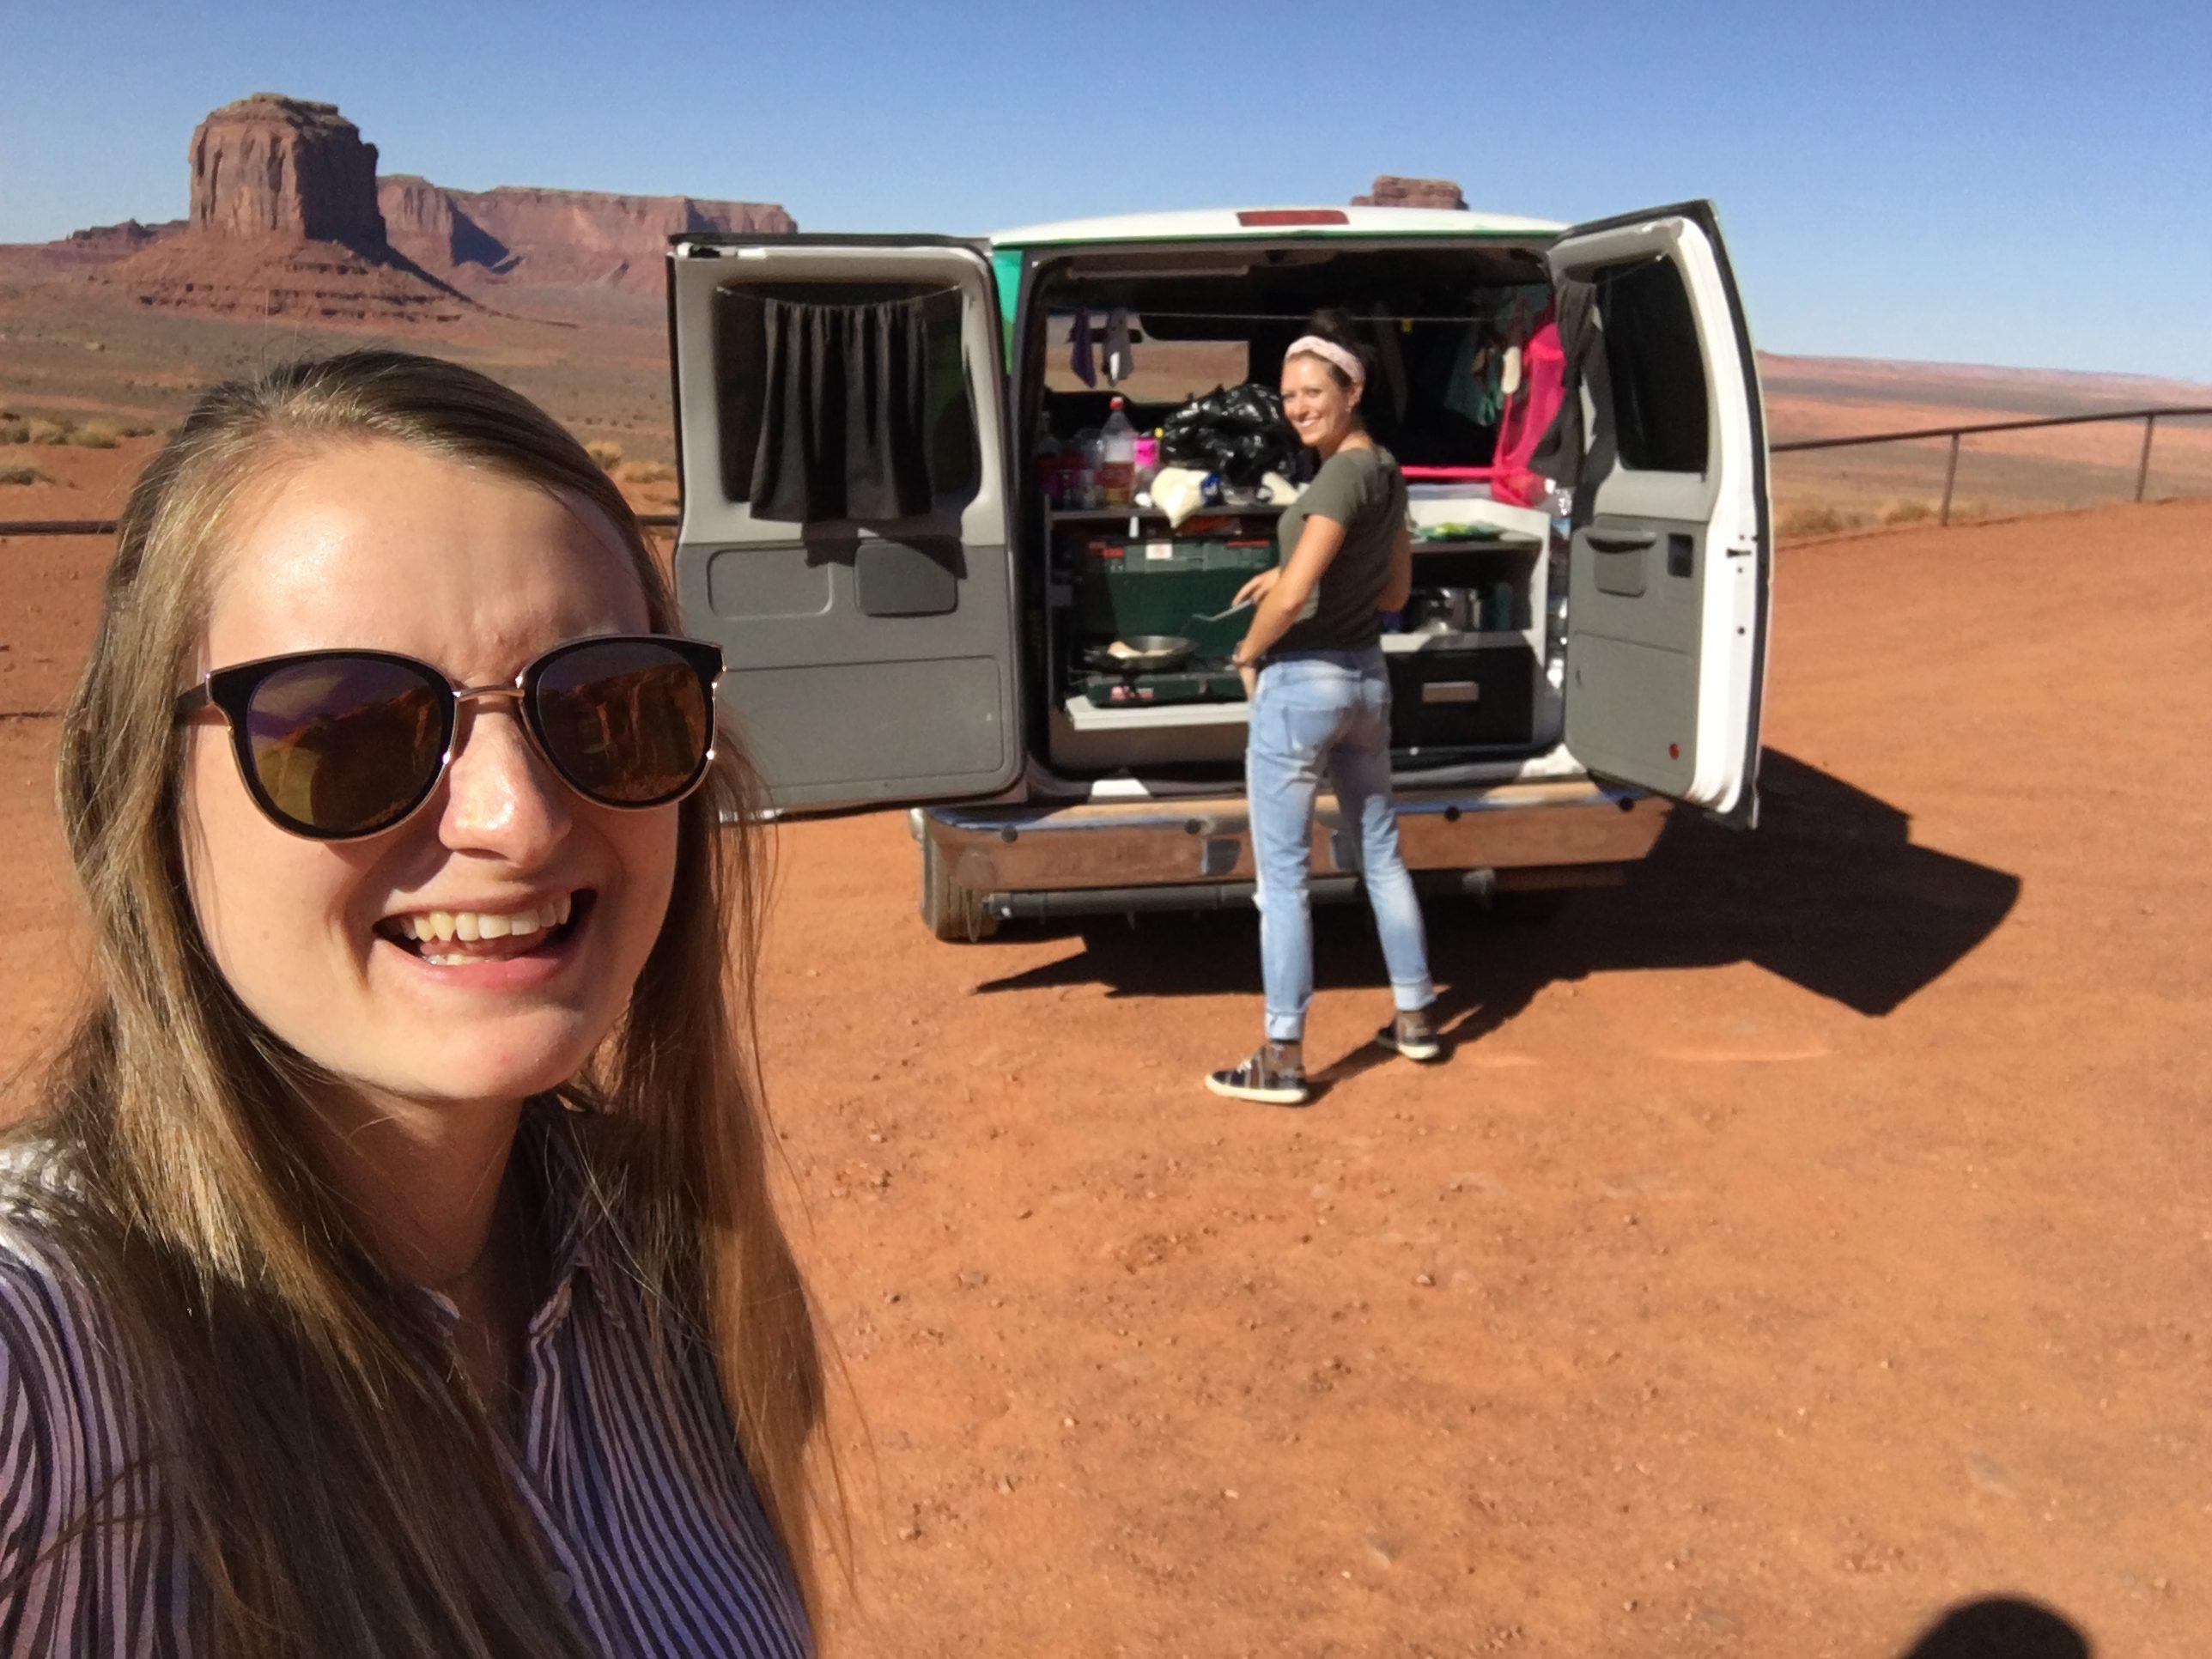 Kochen Monument Valley